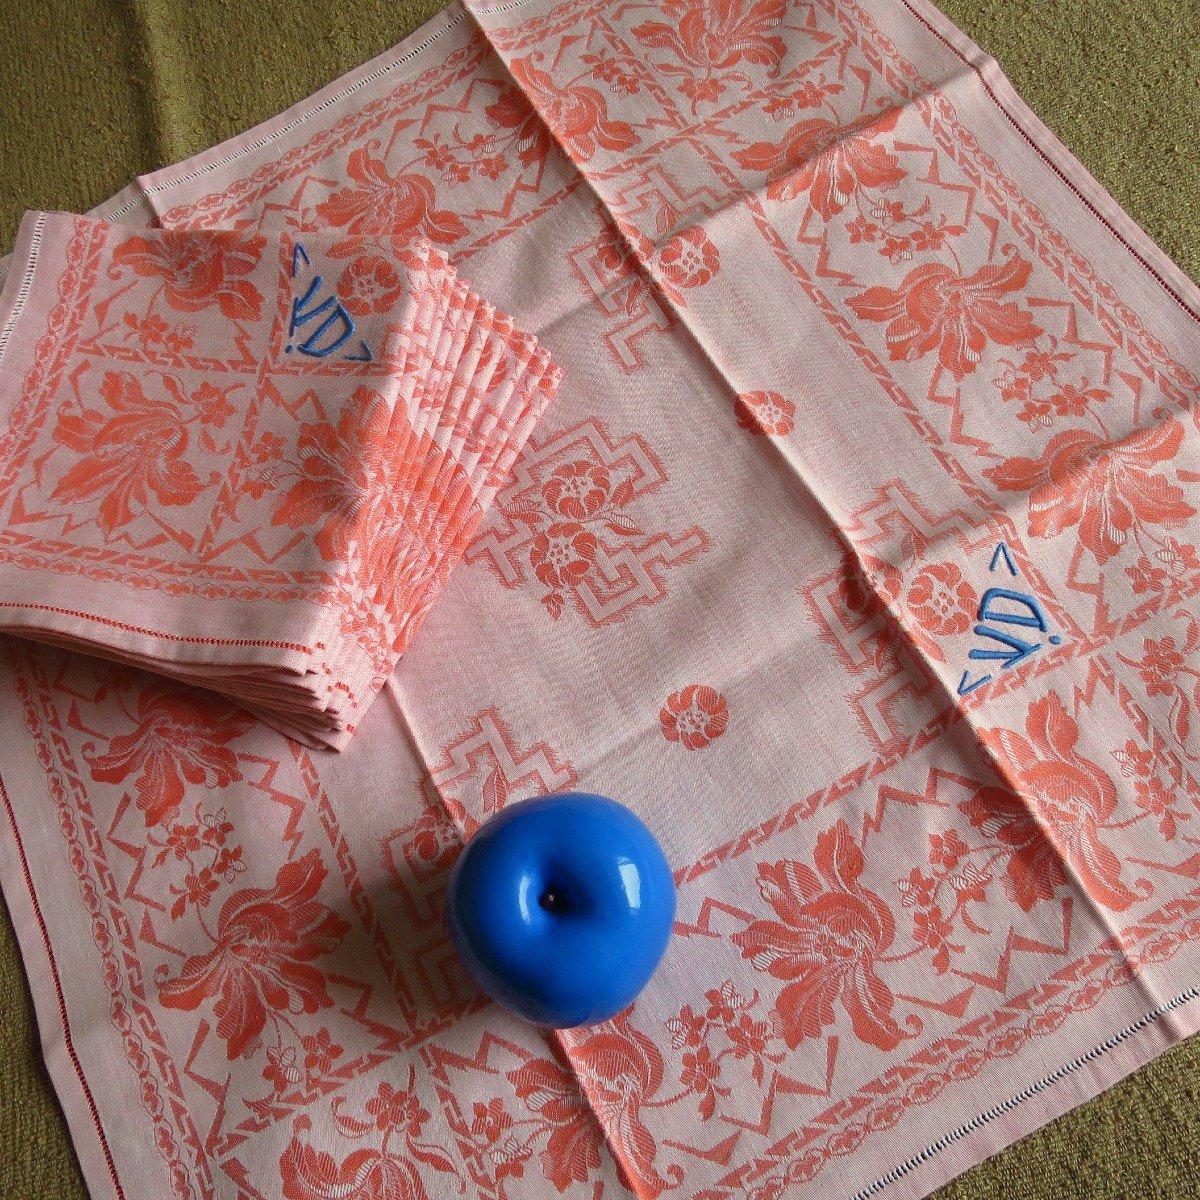 11 serviettes anciennes damassées saumon, monogrammées VD en bleu, vers 1930